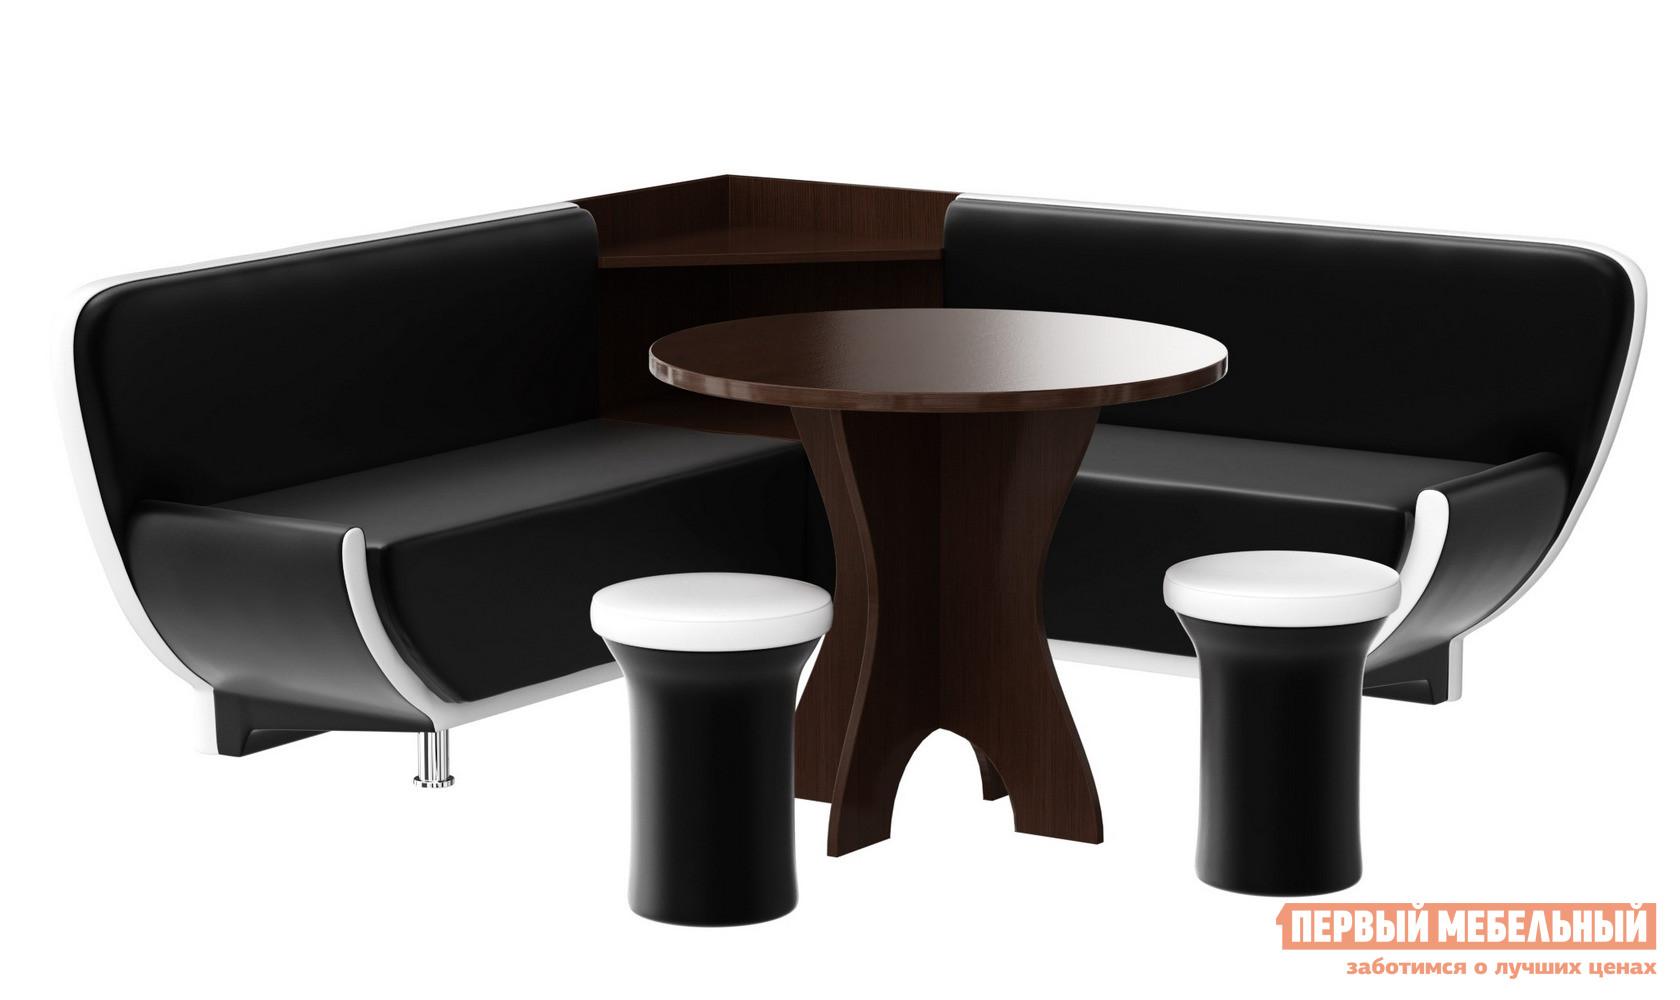 Кухонный уголок со столом и пуфами Мебелико Кухонный уголок Лотос модульный кухонный уголок блюз